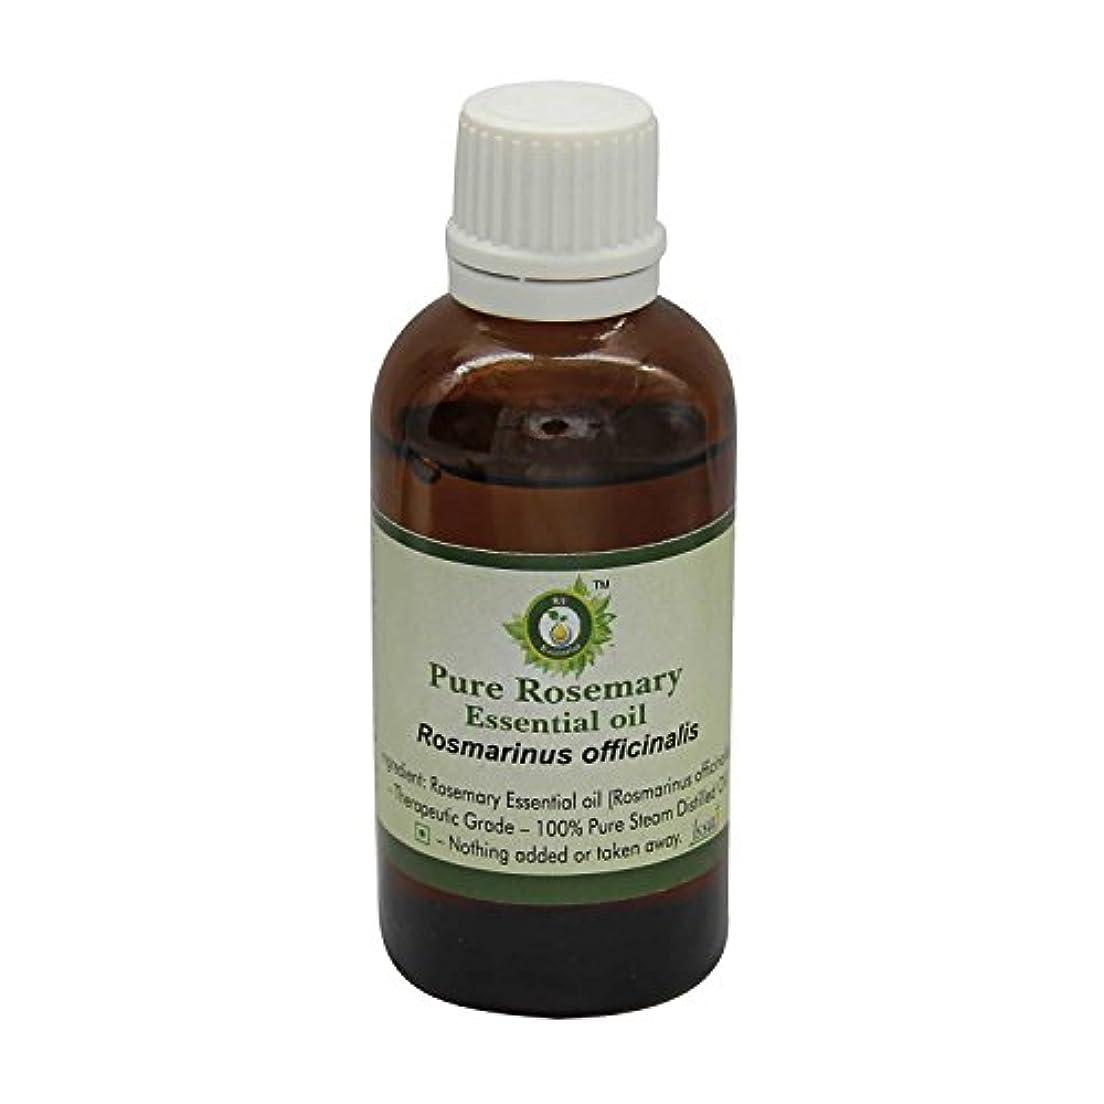 連合気取らないオペレーターR V Essential ピュアローズマリーエッセンシャルオイル30ml (1.01oz)- Rosmarinus Officinalis (100%純粋&天然スチームDistilled) Pure Rosemary...